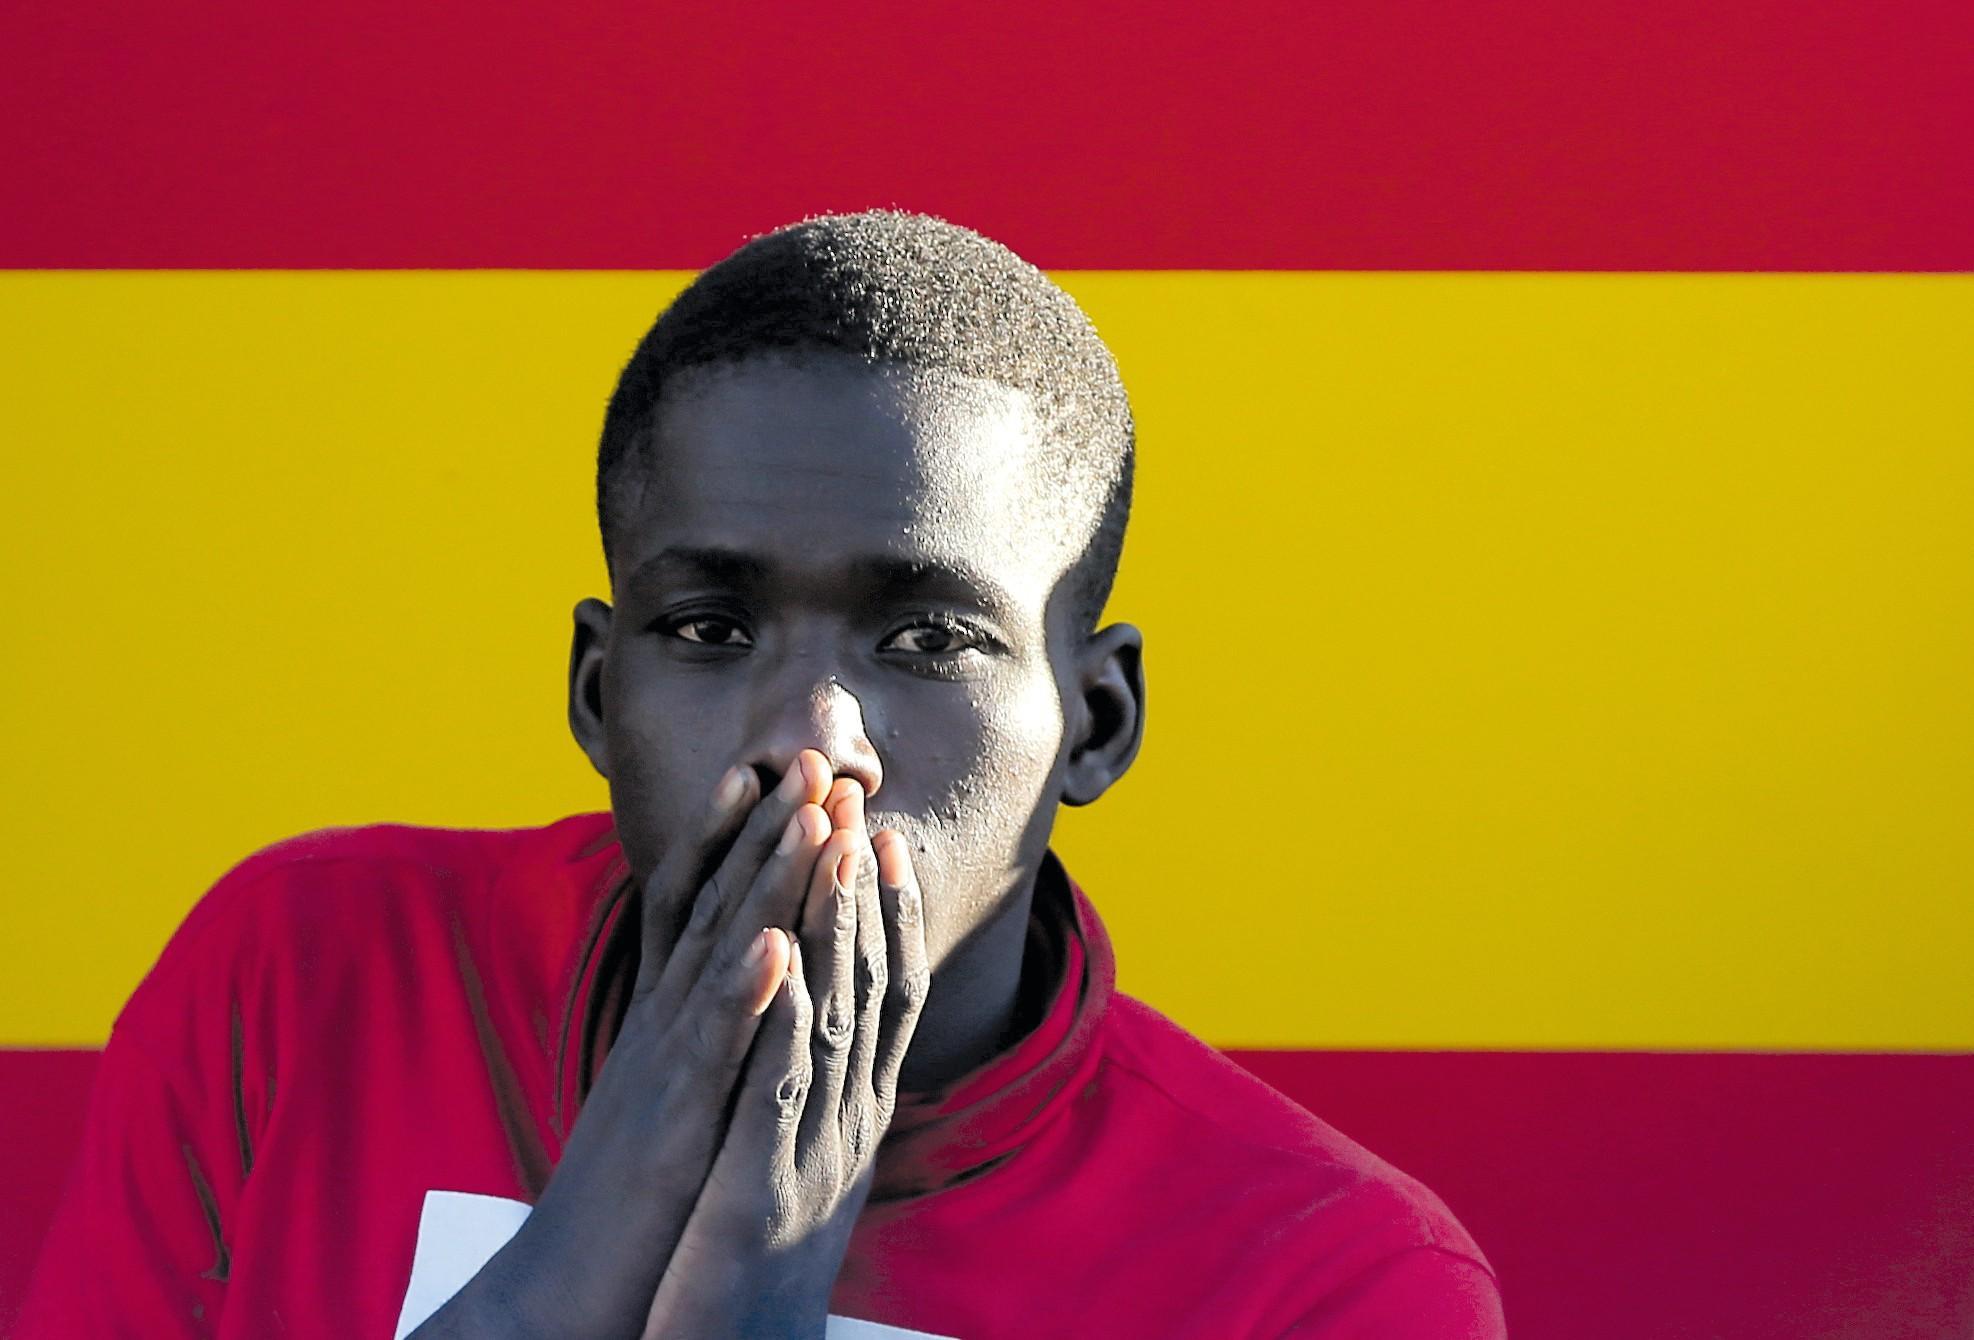 Inmigrante subsahariano en el puerto de Málaga, 2018.